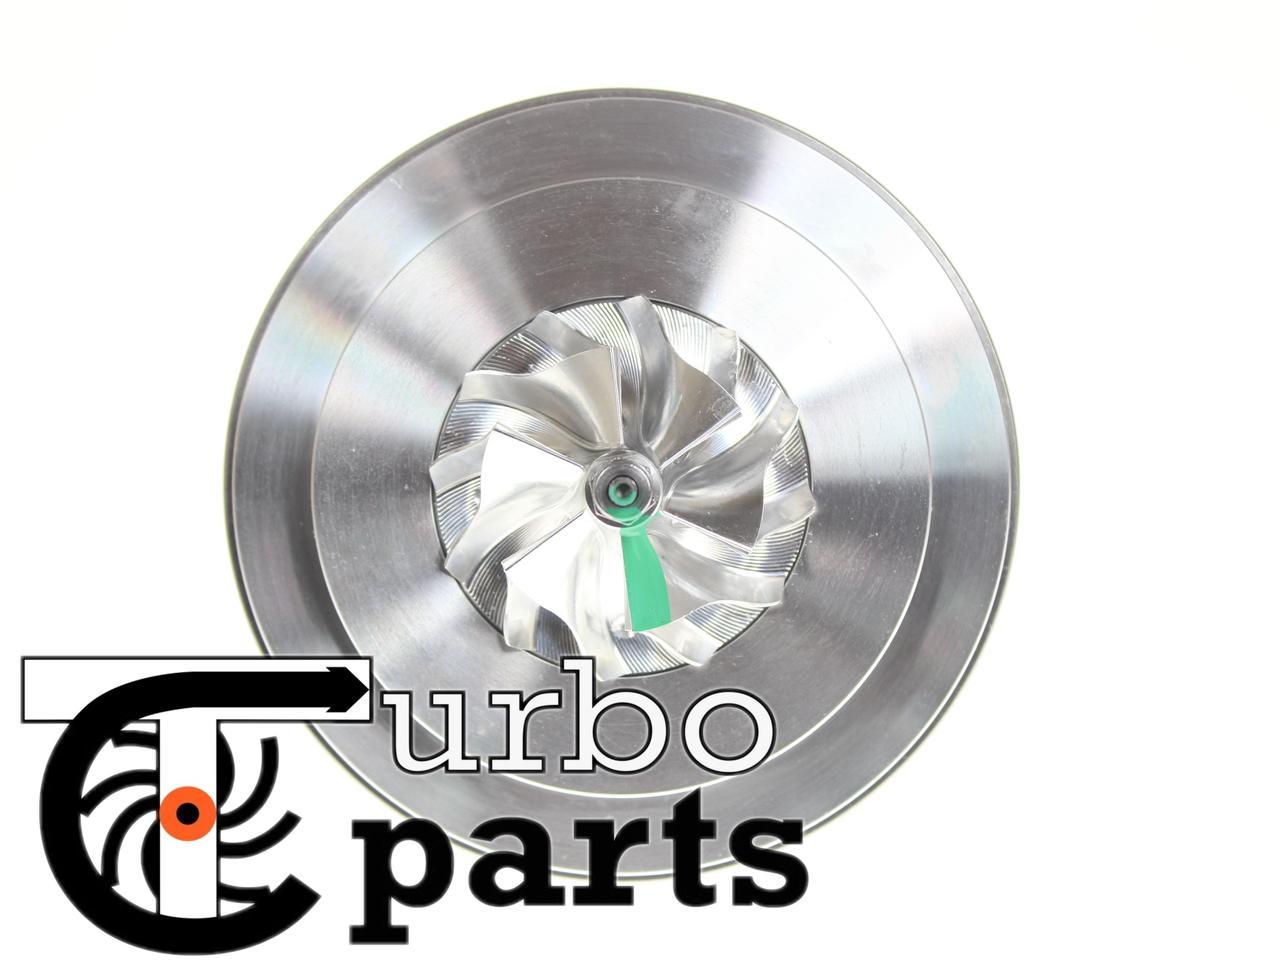 Картридж турбины Alfa-Romeo 159 1.8 TBi от 2009 г.в. - 53039980149, 53039880149, 53039700149